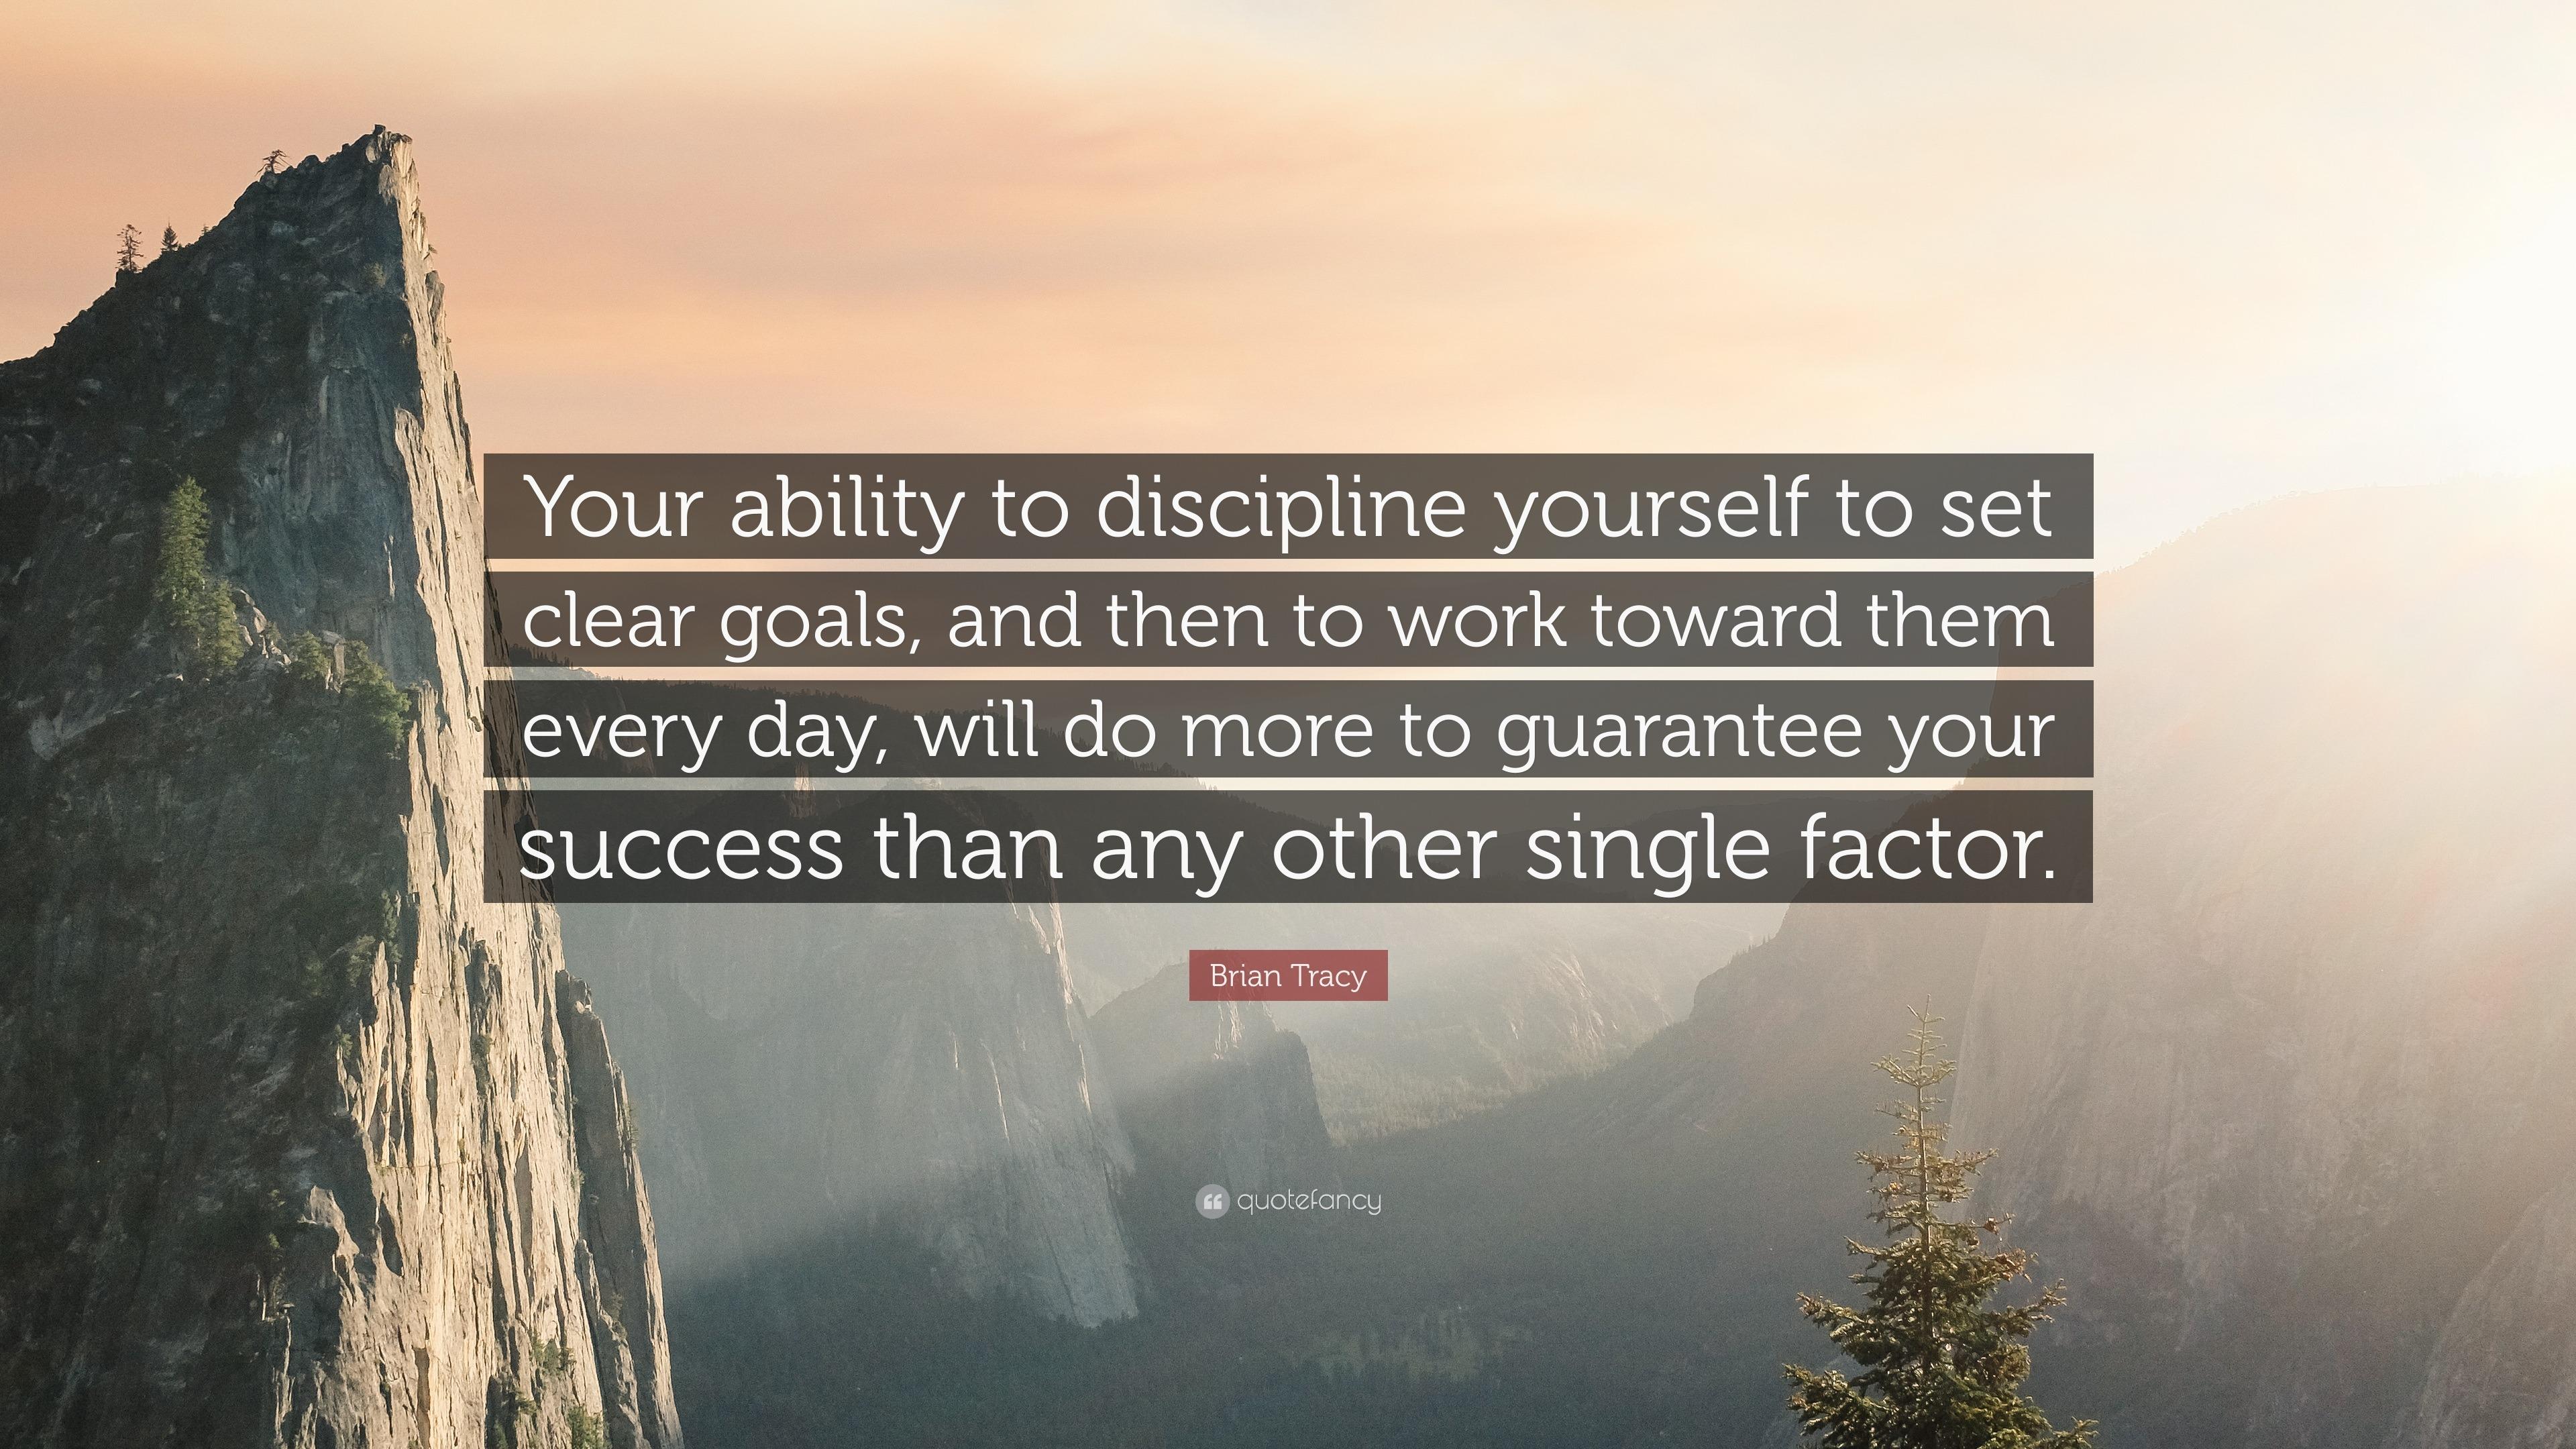 Bildergebnis für brian tracy discipline quote